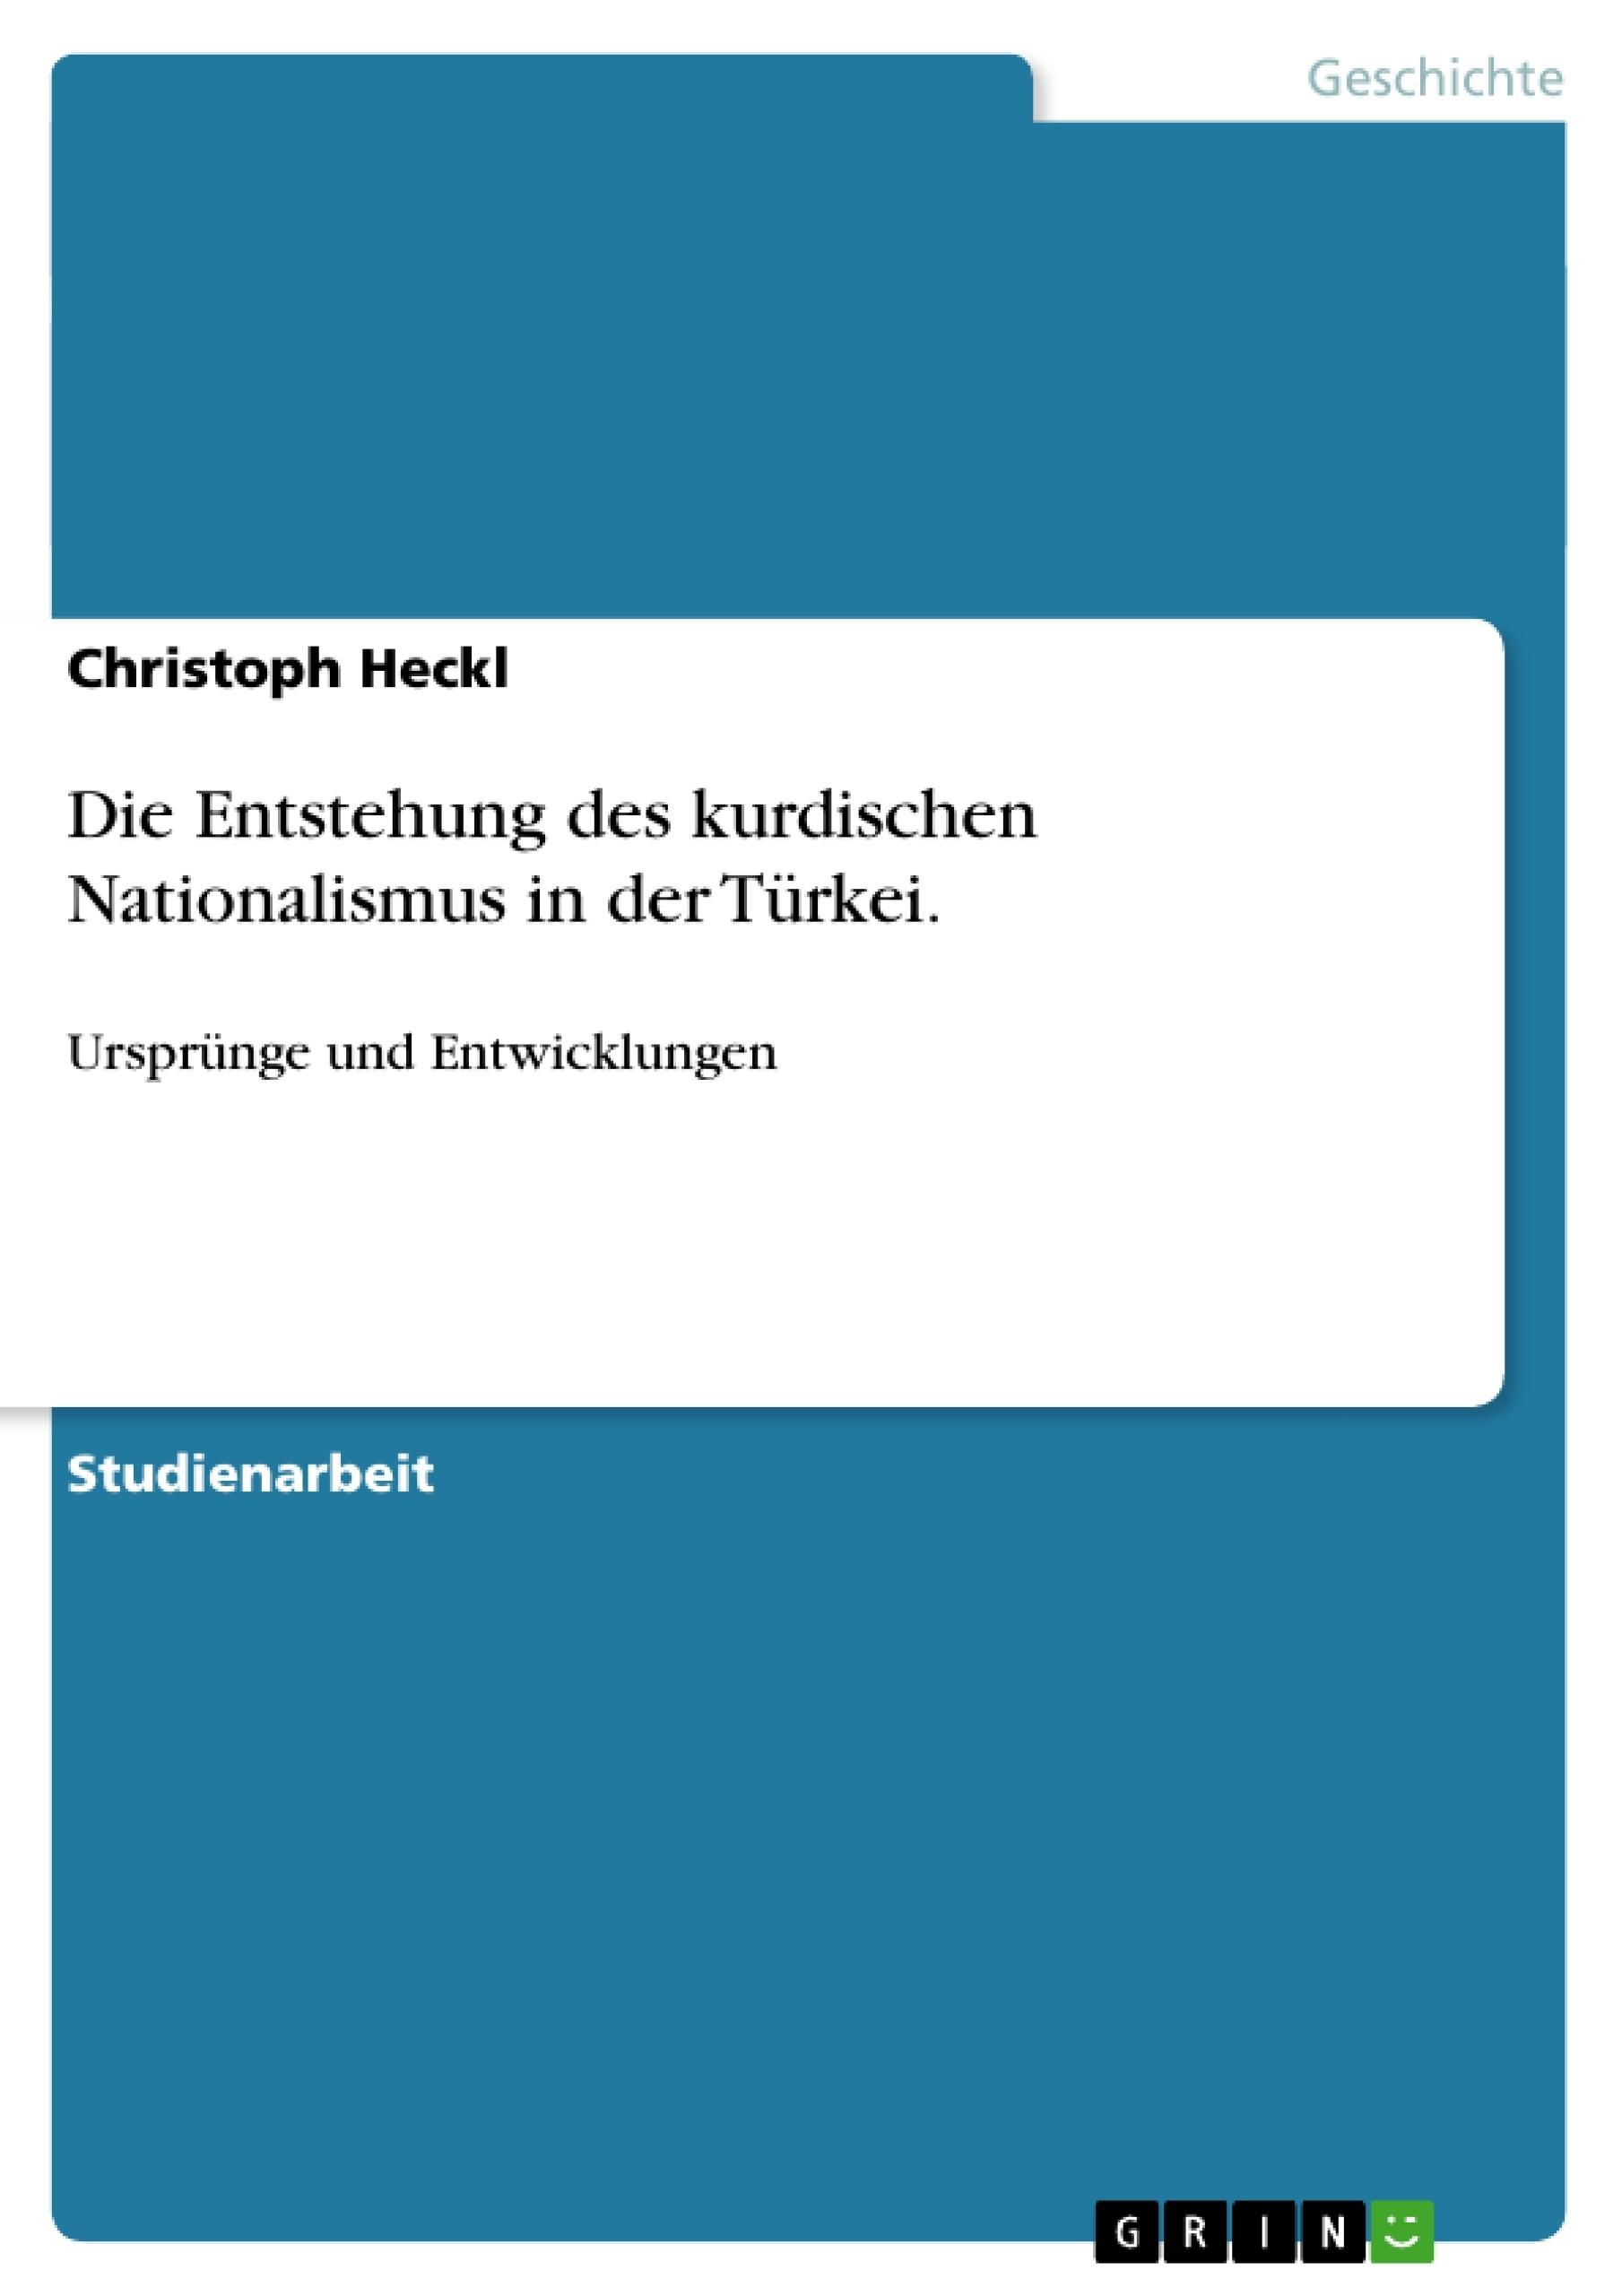 Titel: Die Entstehung des kurdischen Nationalismus in der Türkei.